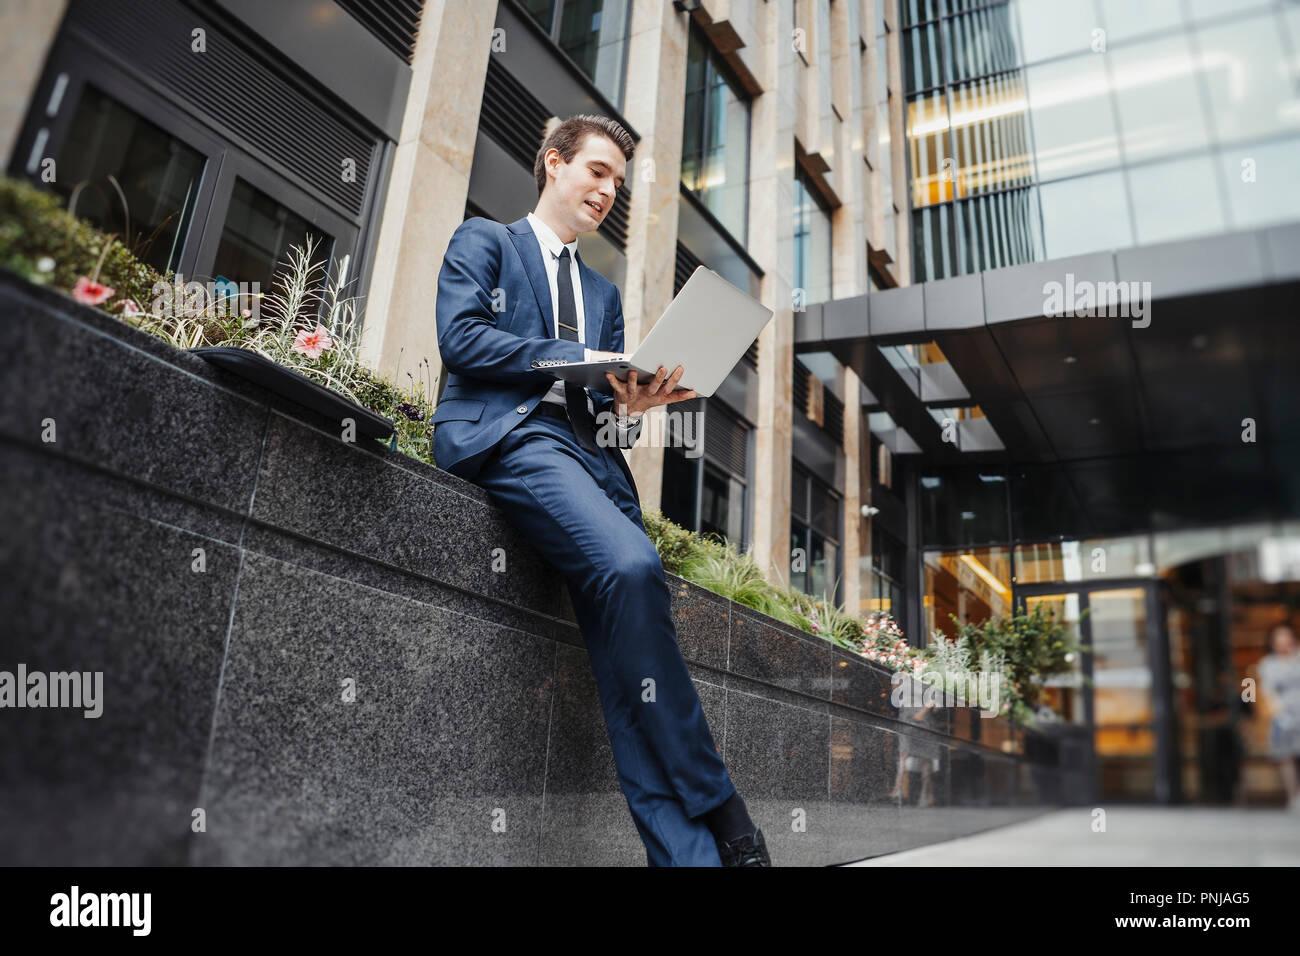 Businessman working on laptop à côté de l'édifice, catégorie gratte-ciel au centre-ville. Photo Stock